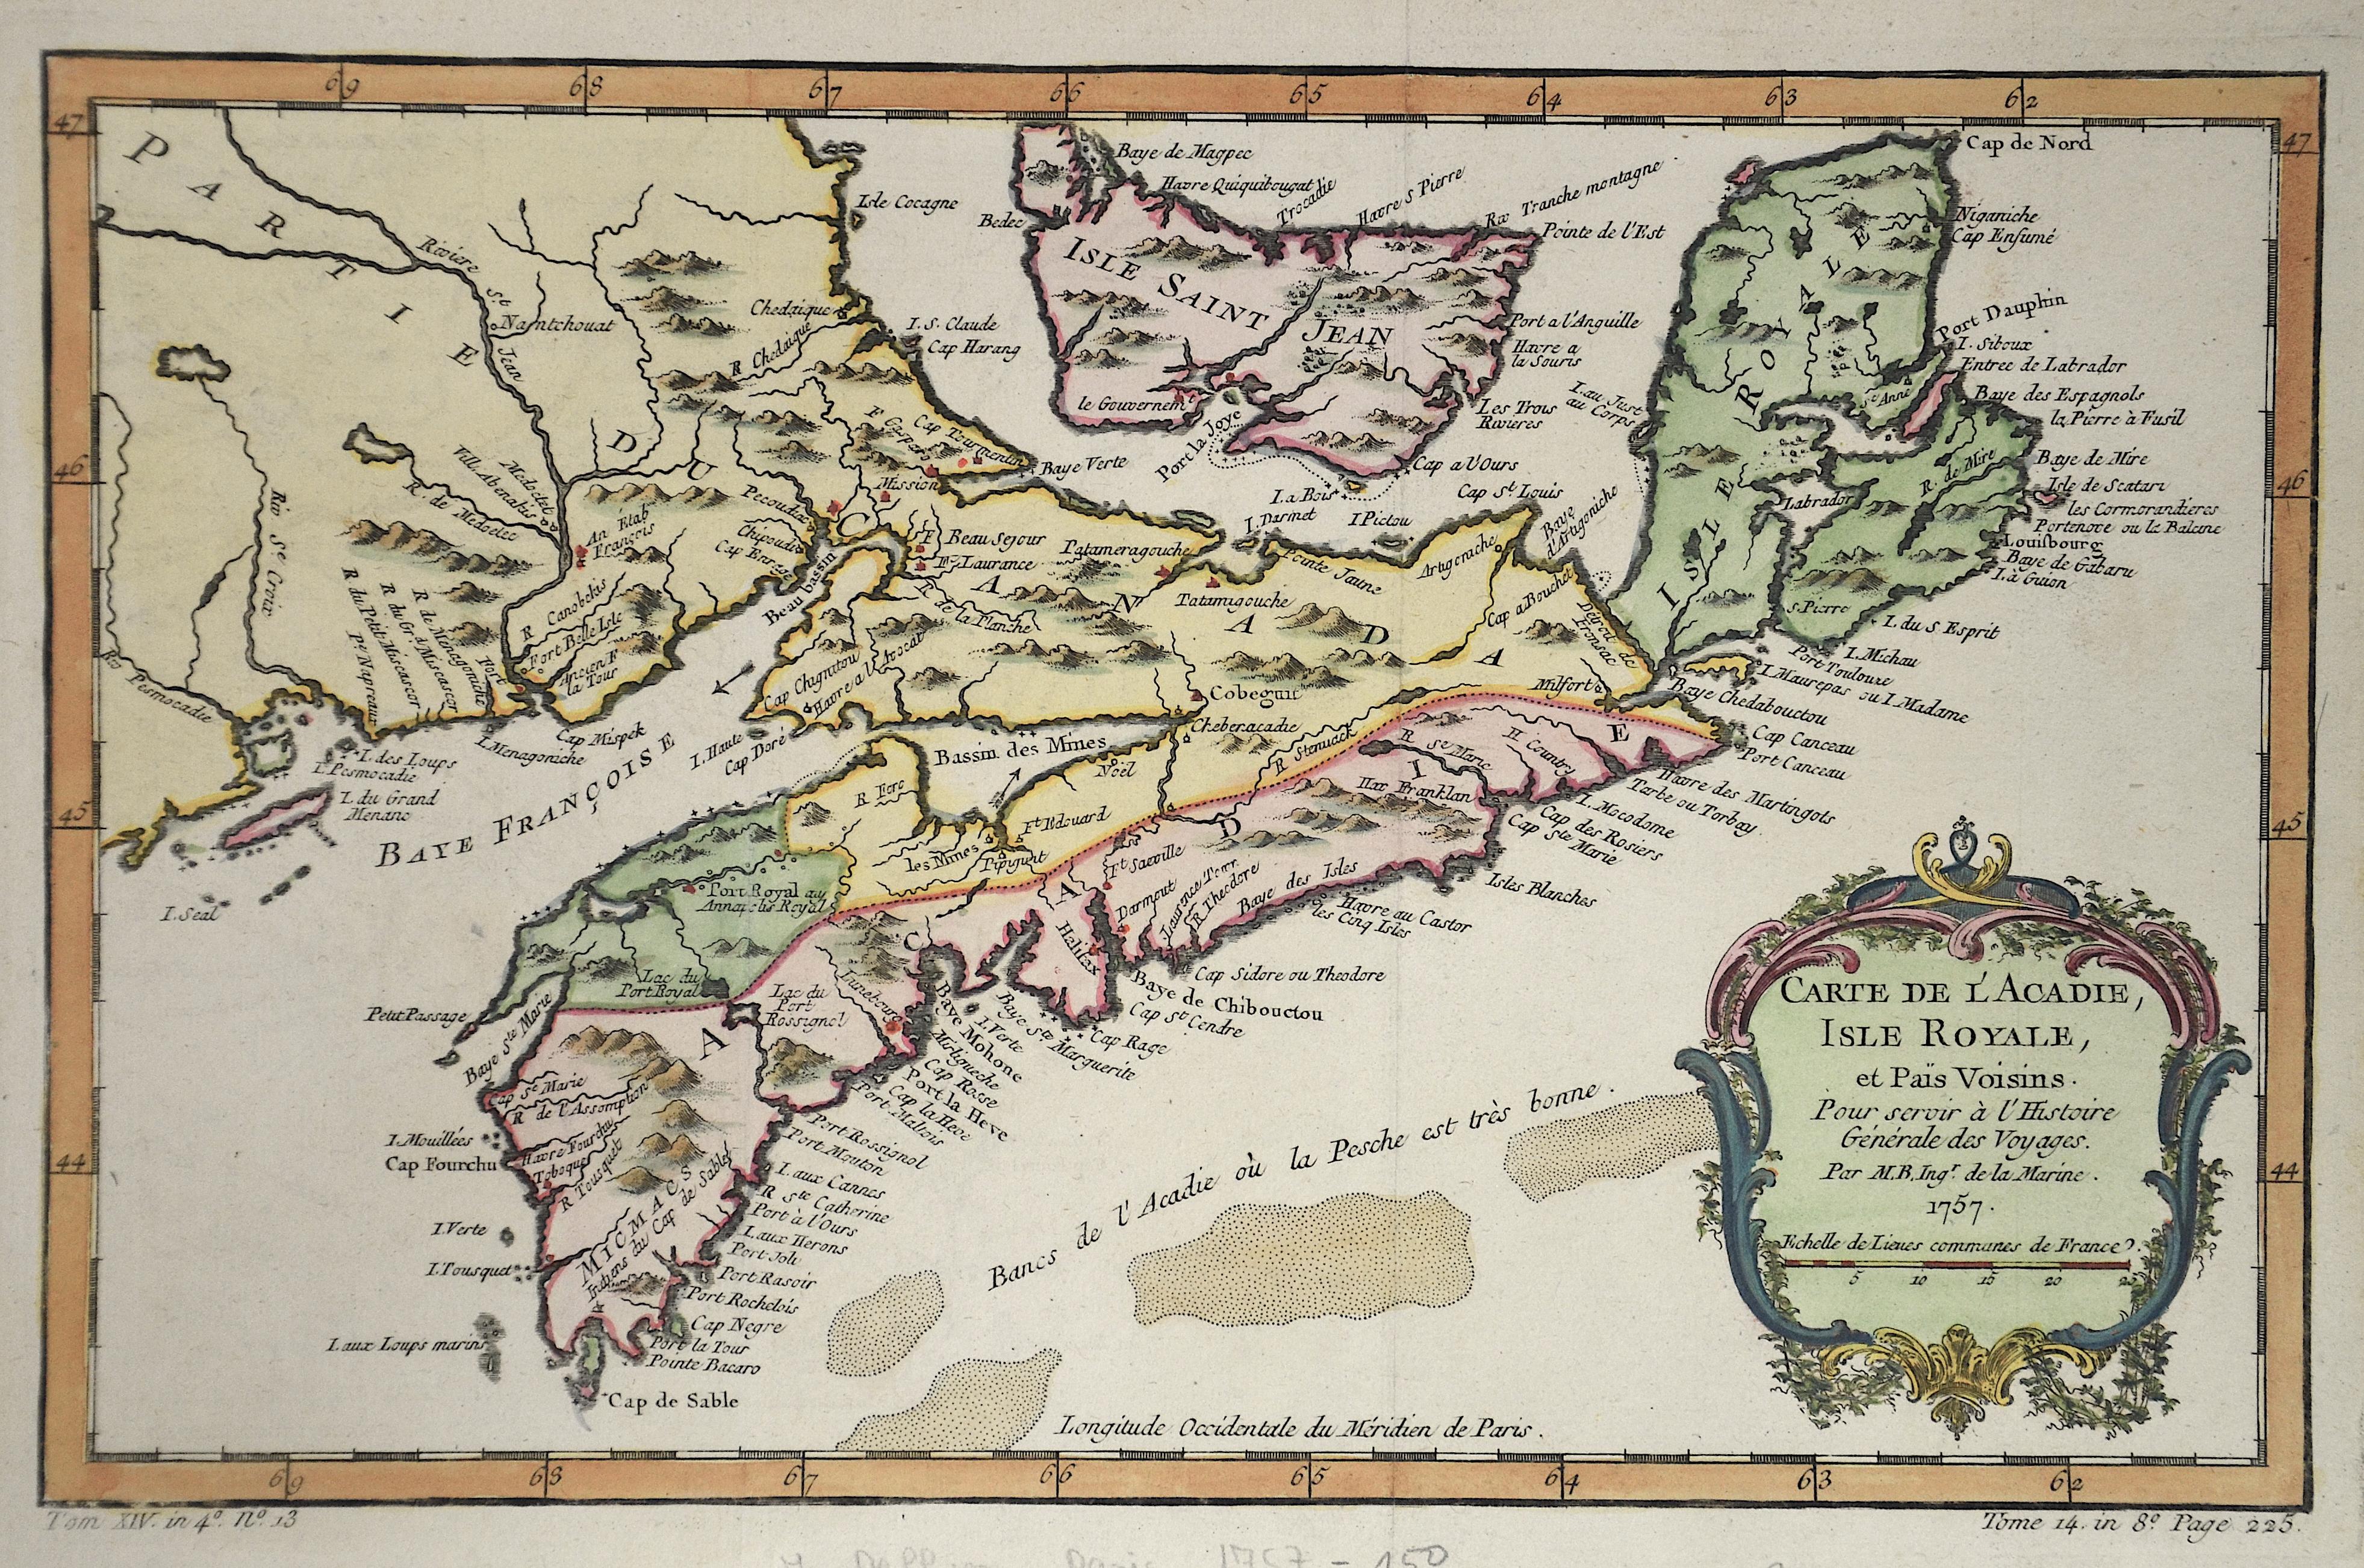 Bellin Jacques Nicolas Carte de l´acadie, Isle Royale et pays voisin.